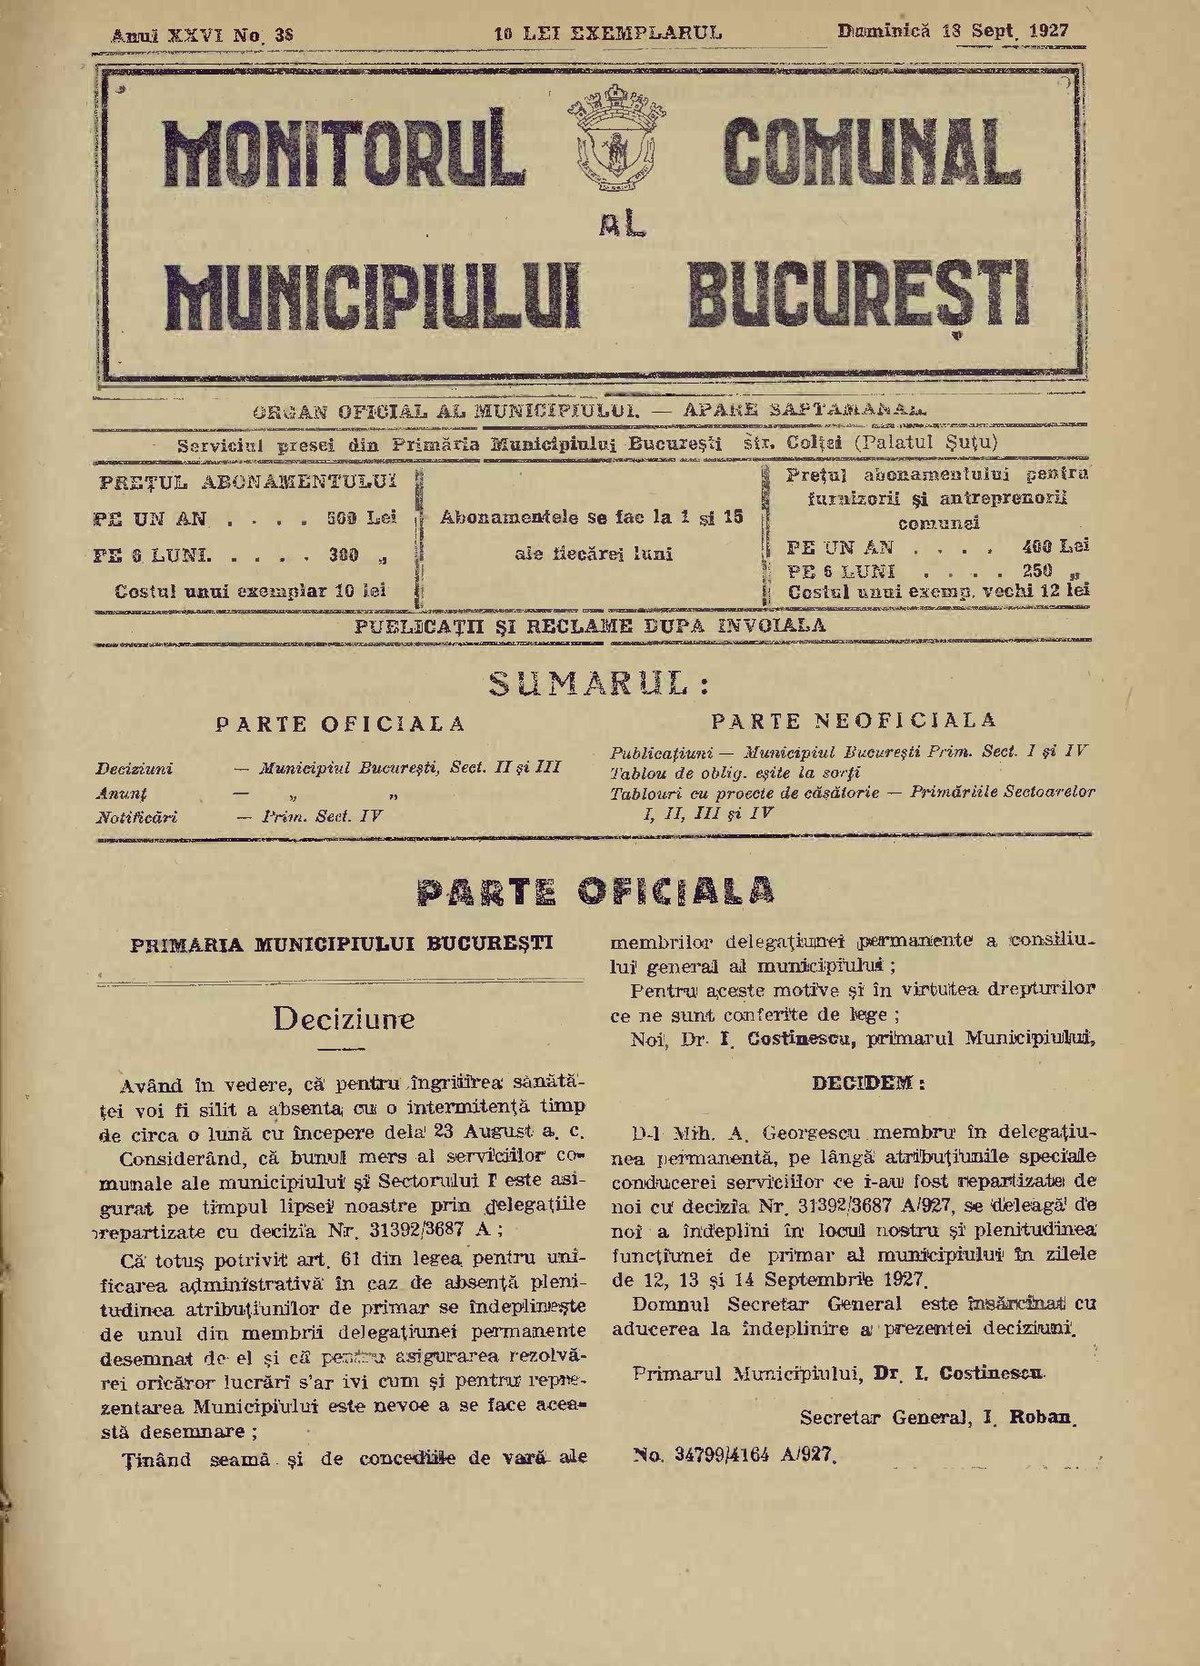 motive sunt - Traducere în engleză - exemple în română | Reverso Context